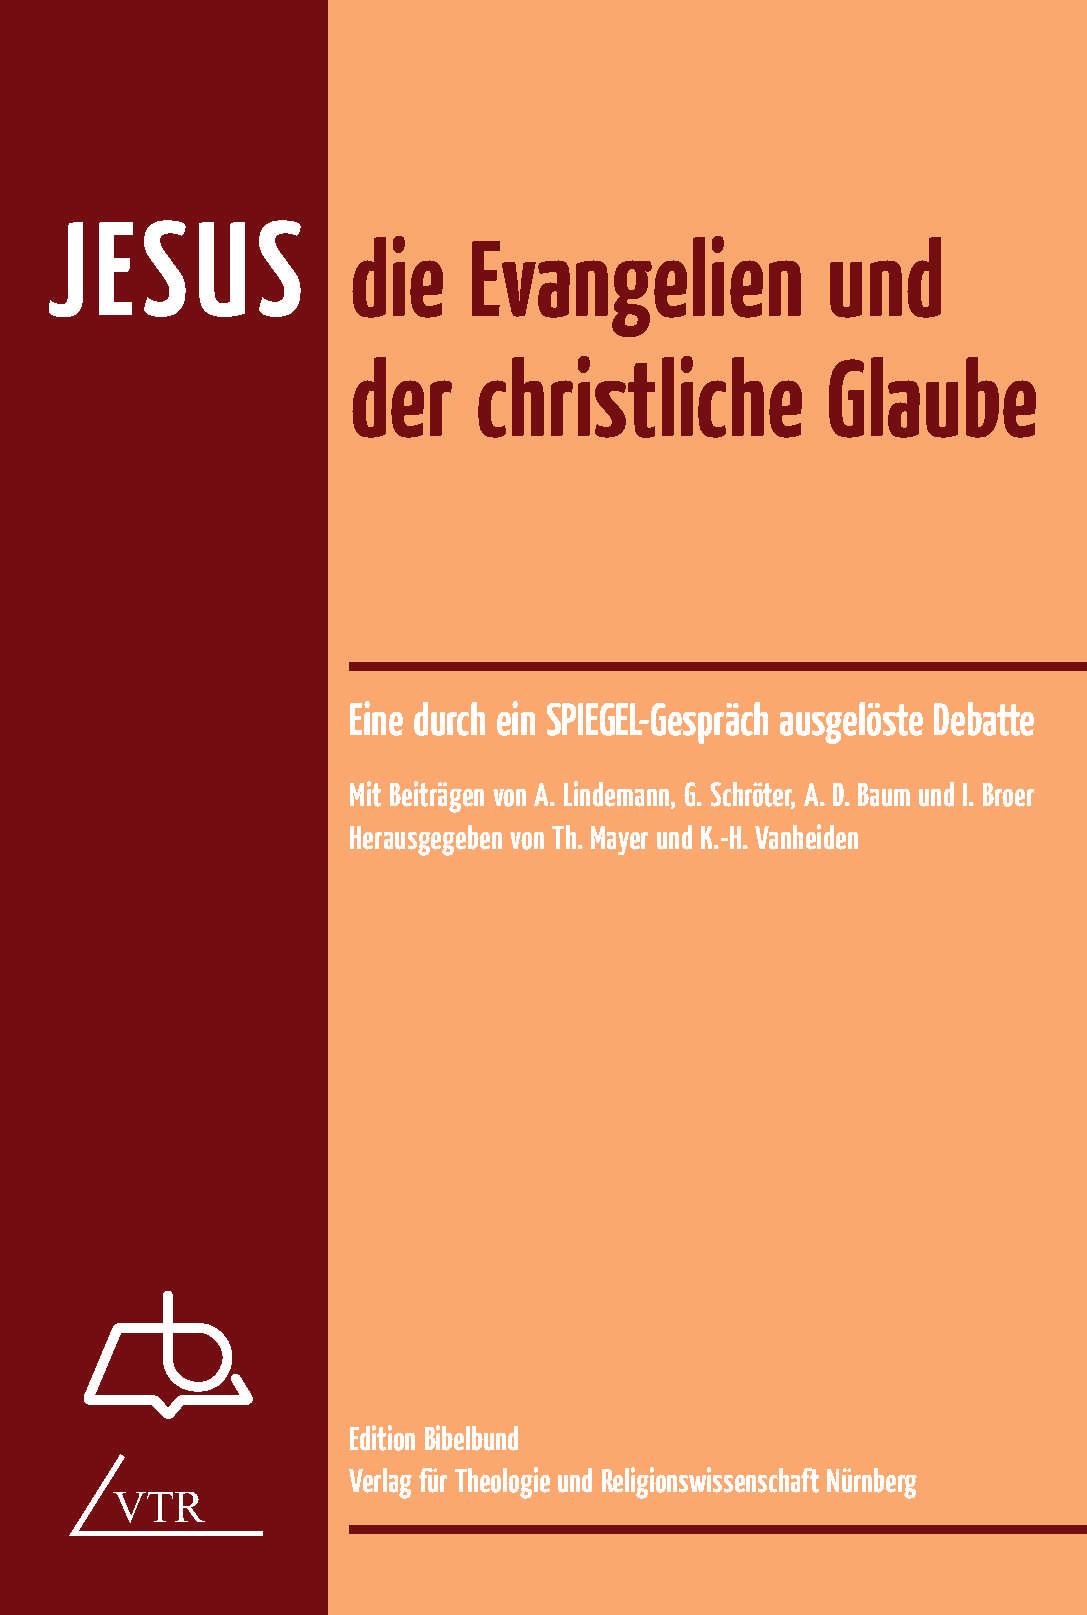 https://bibelbund.de/wp-content/uploads/Titel-Jesus-Evangelien-Glaube.jpg